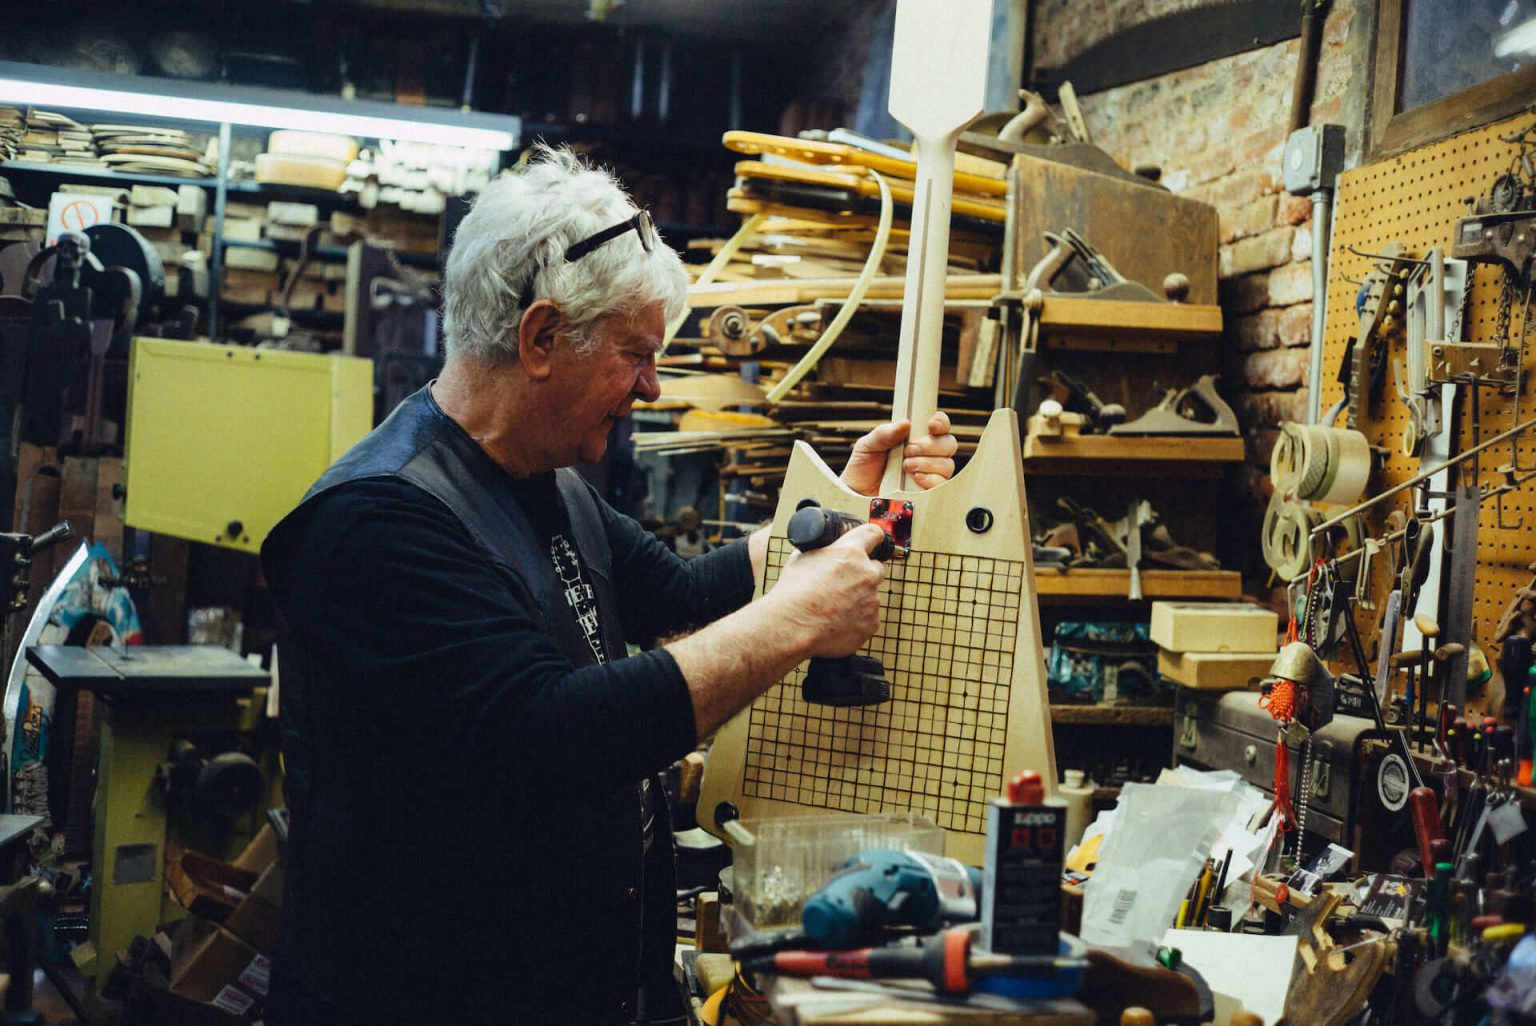 5_4020_AT_CarmineStreetGuitars-1440x962 歴史が染みついた建築物でギターを作る「Carmine Street Guitars」ギター職人の工房と、シティの限られた行き先